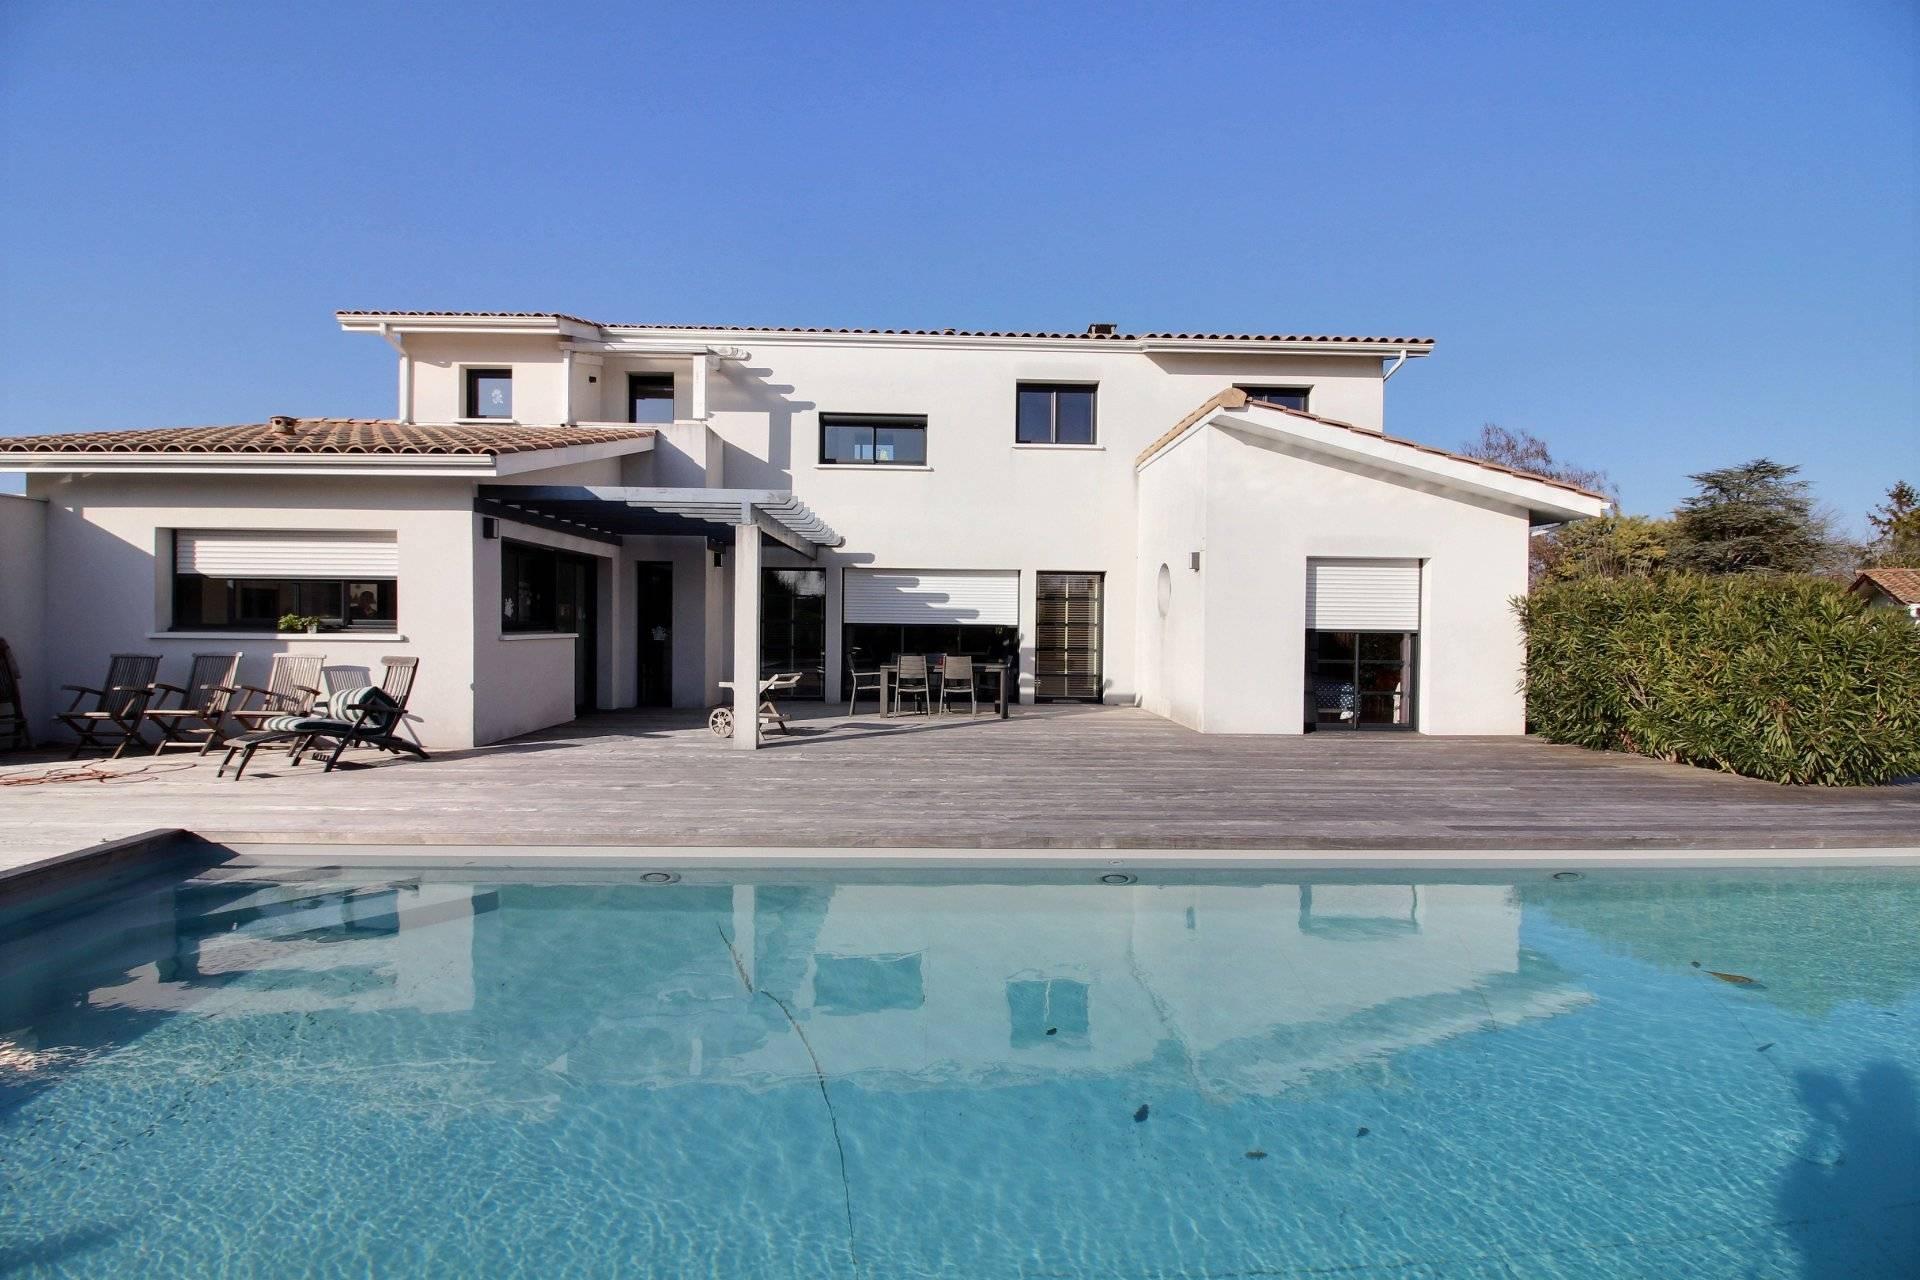 Villa contemporaine 4 chambres avec piscine à vendre GUJAN-MESTRAS